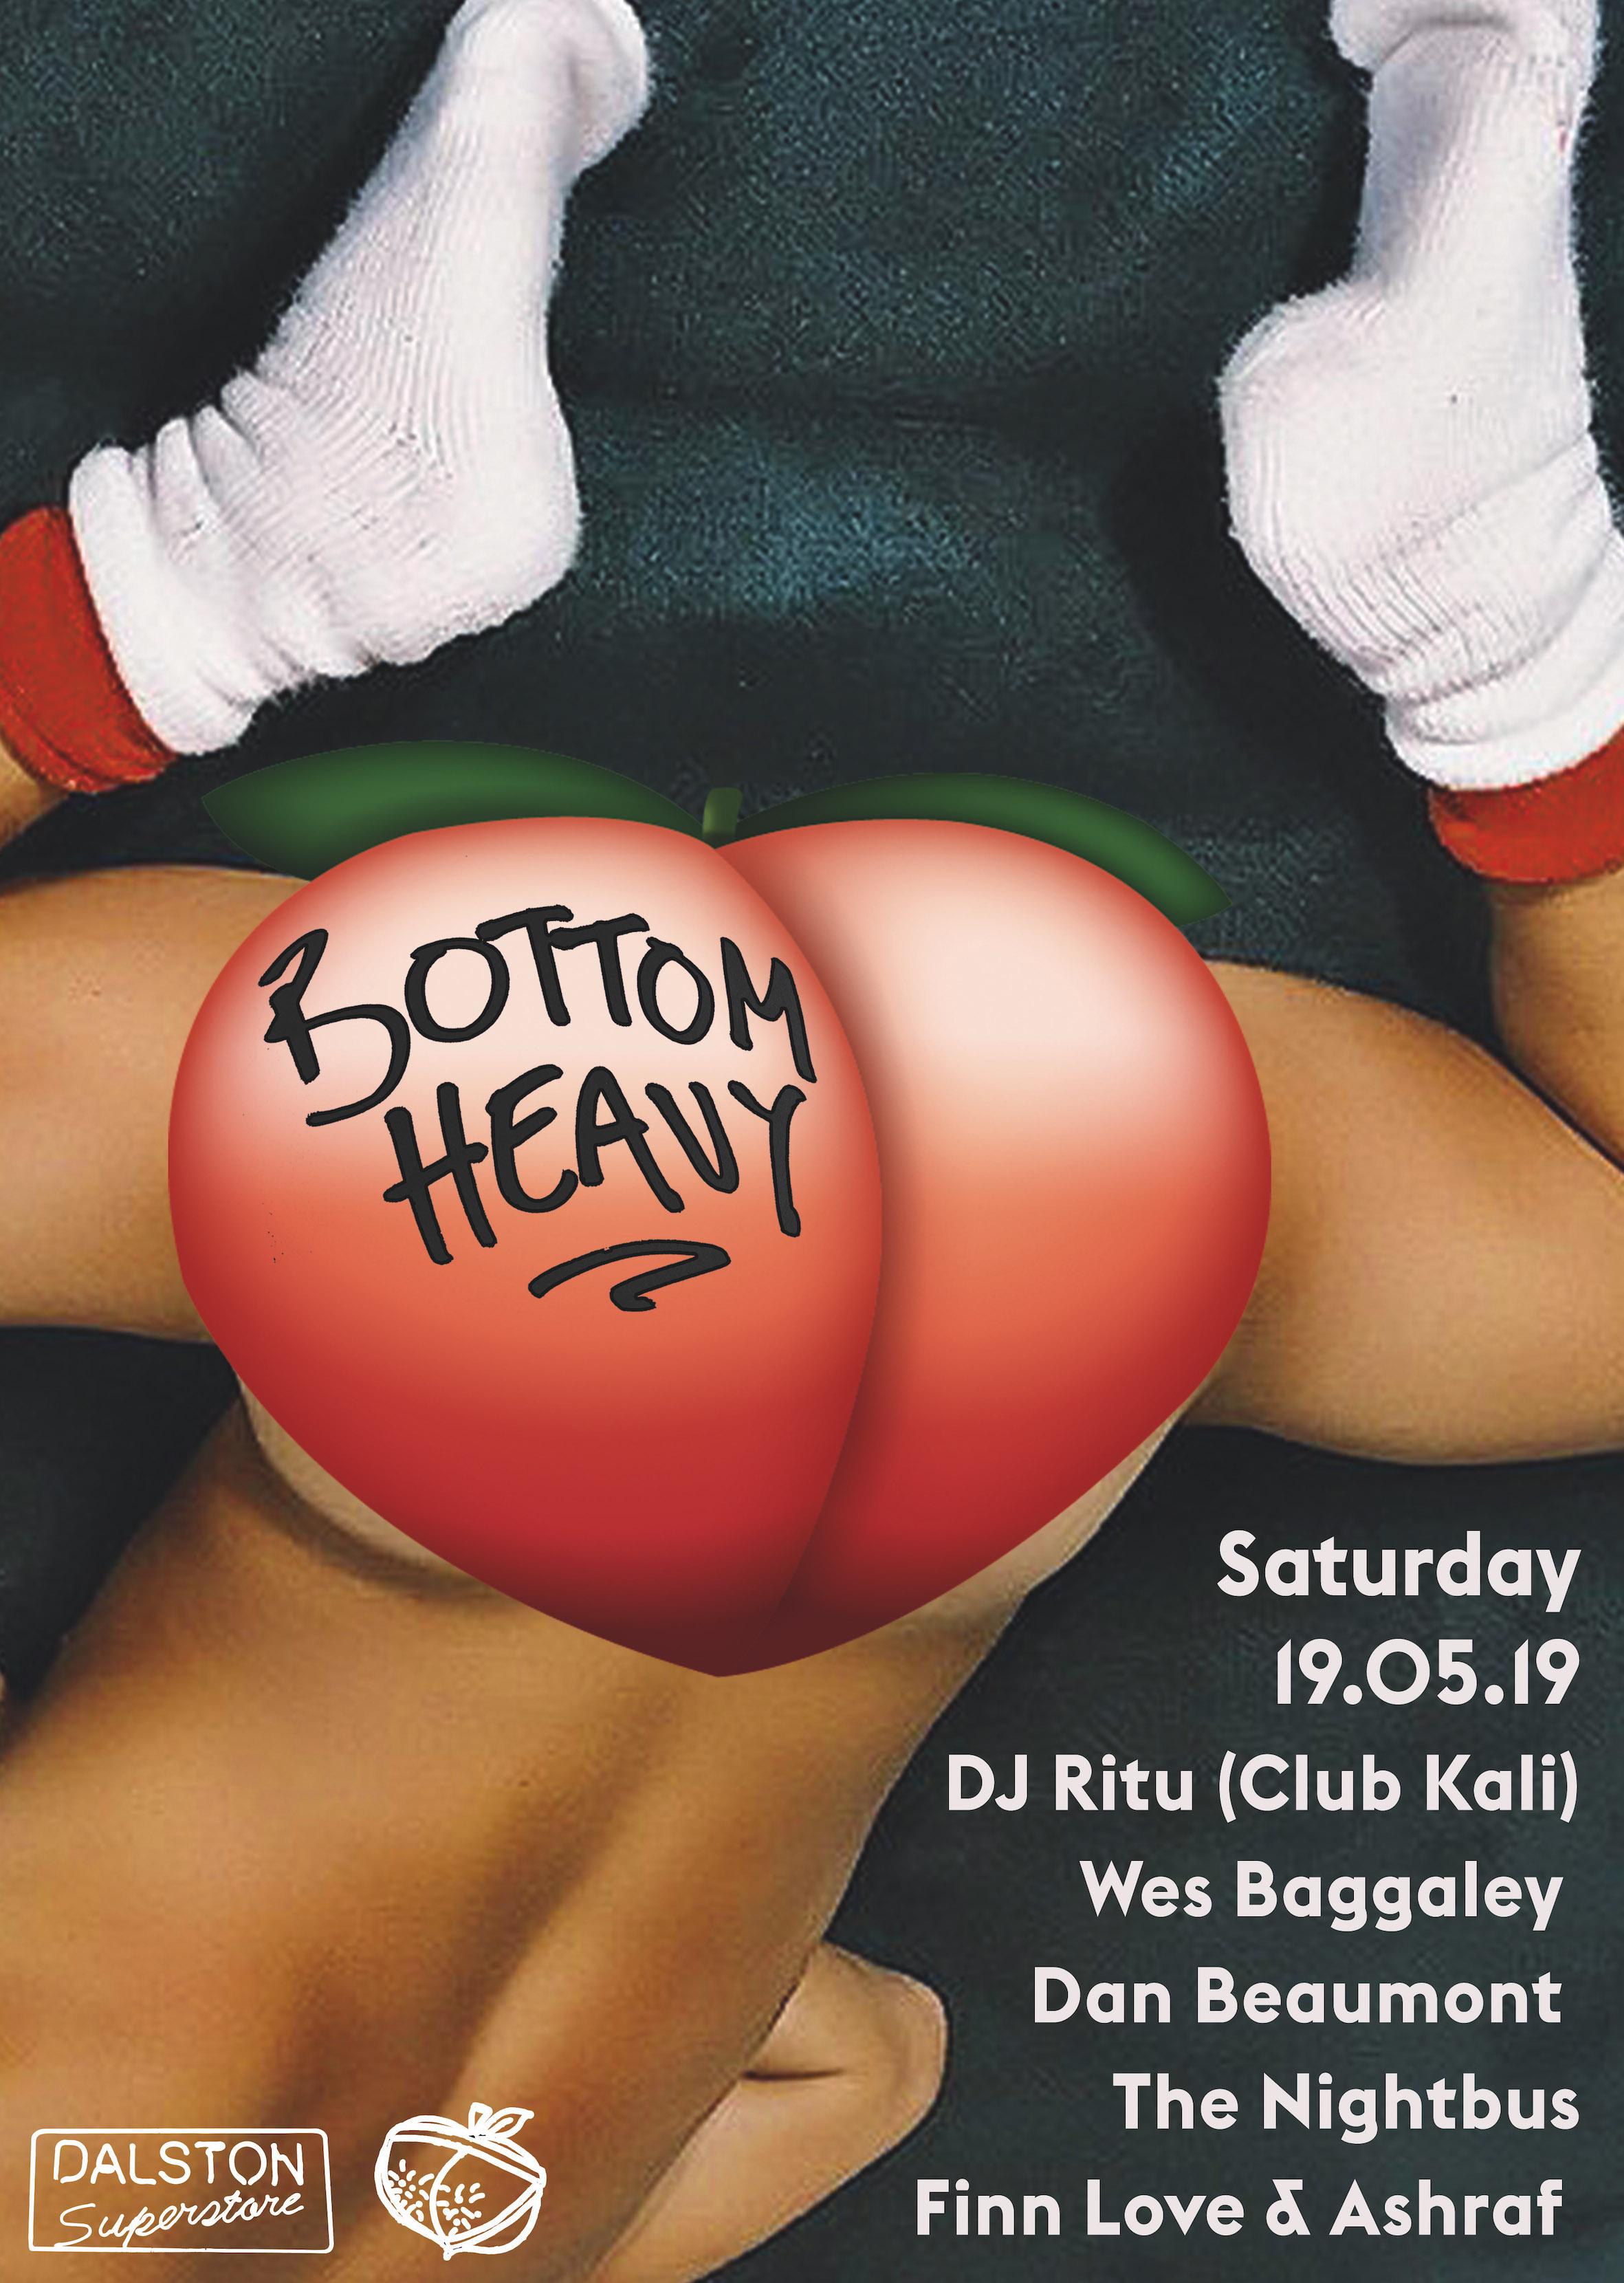 Bottom Heavy